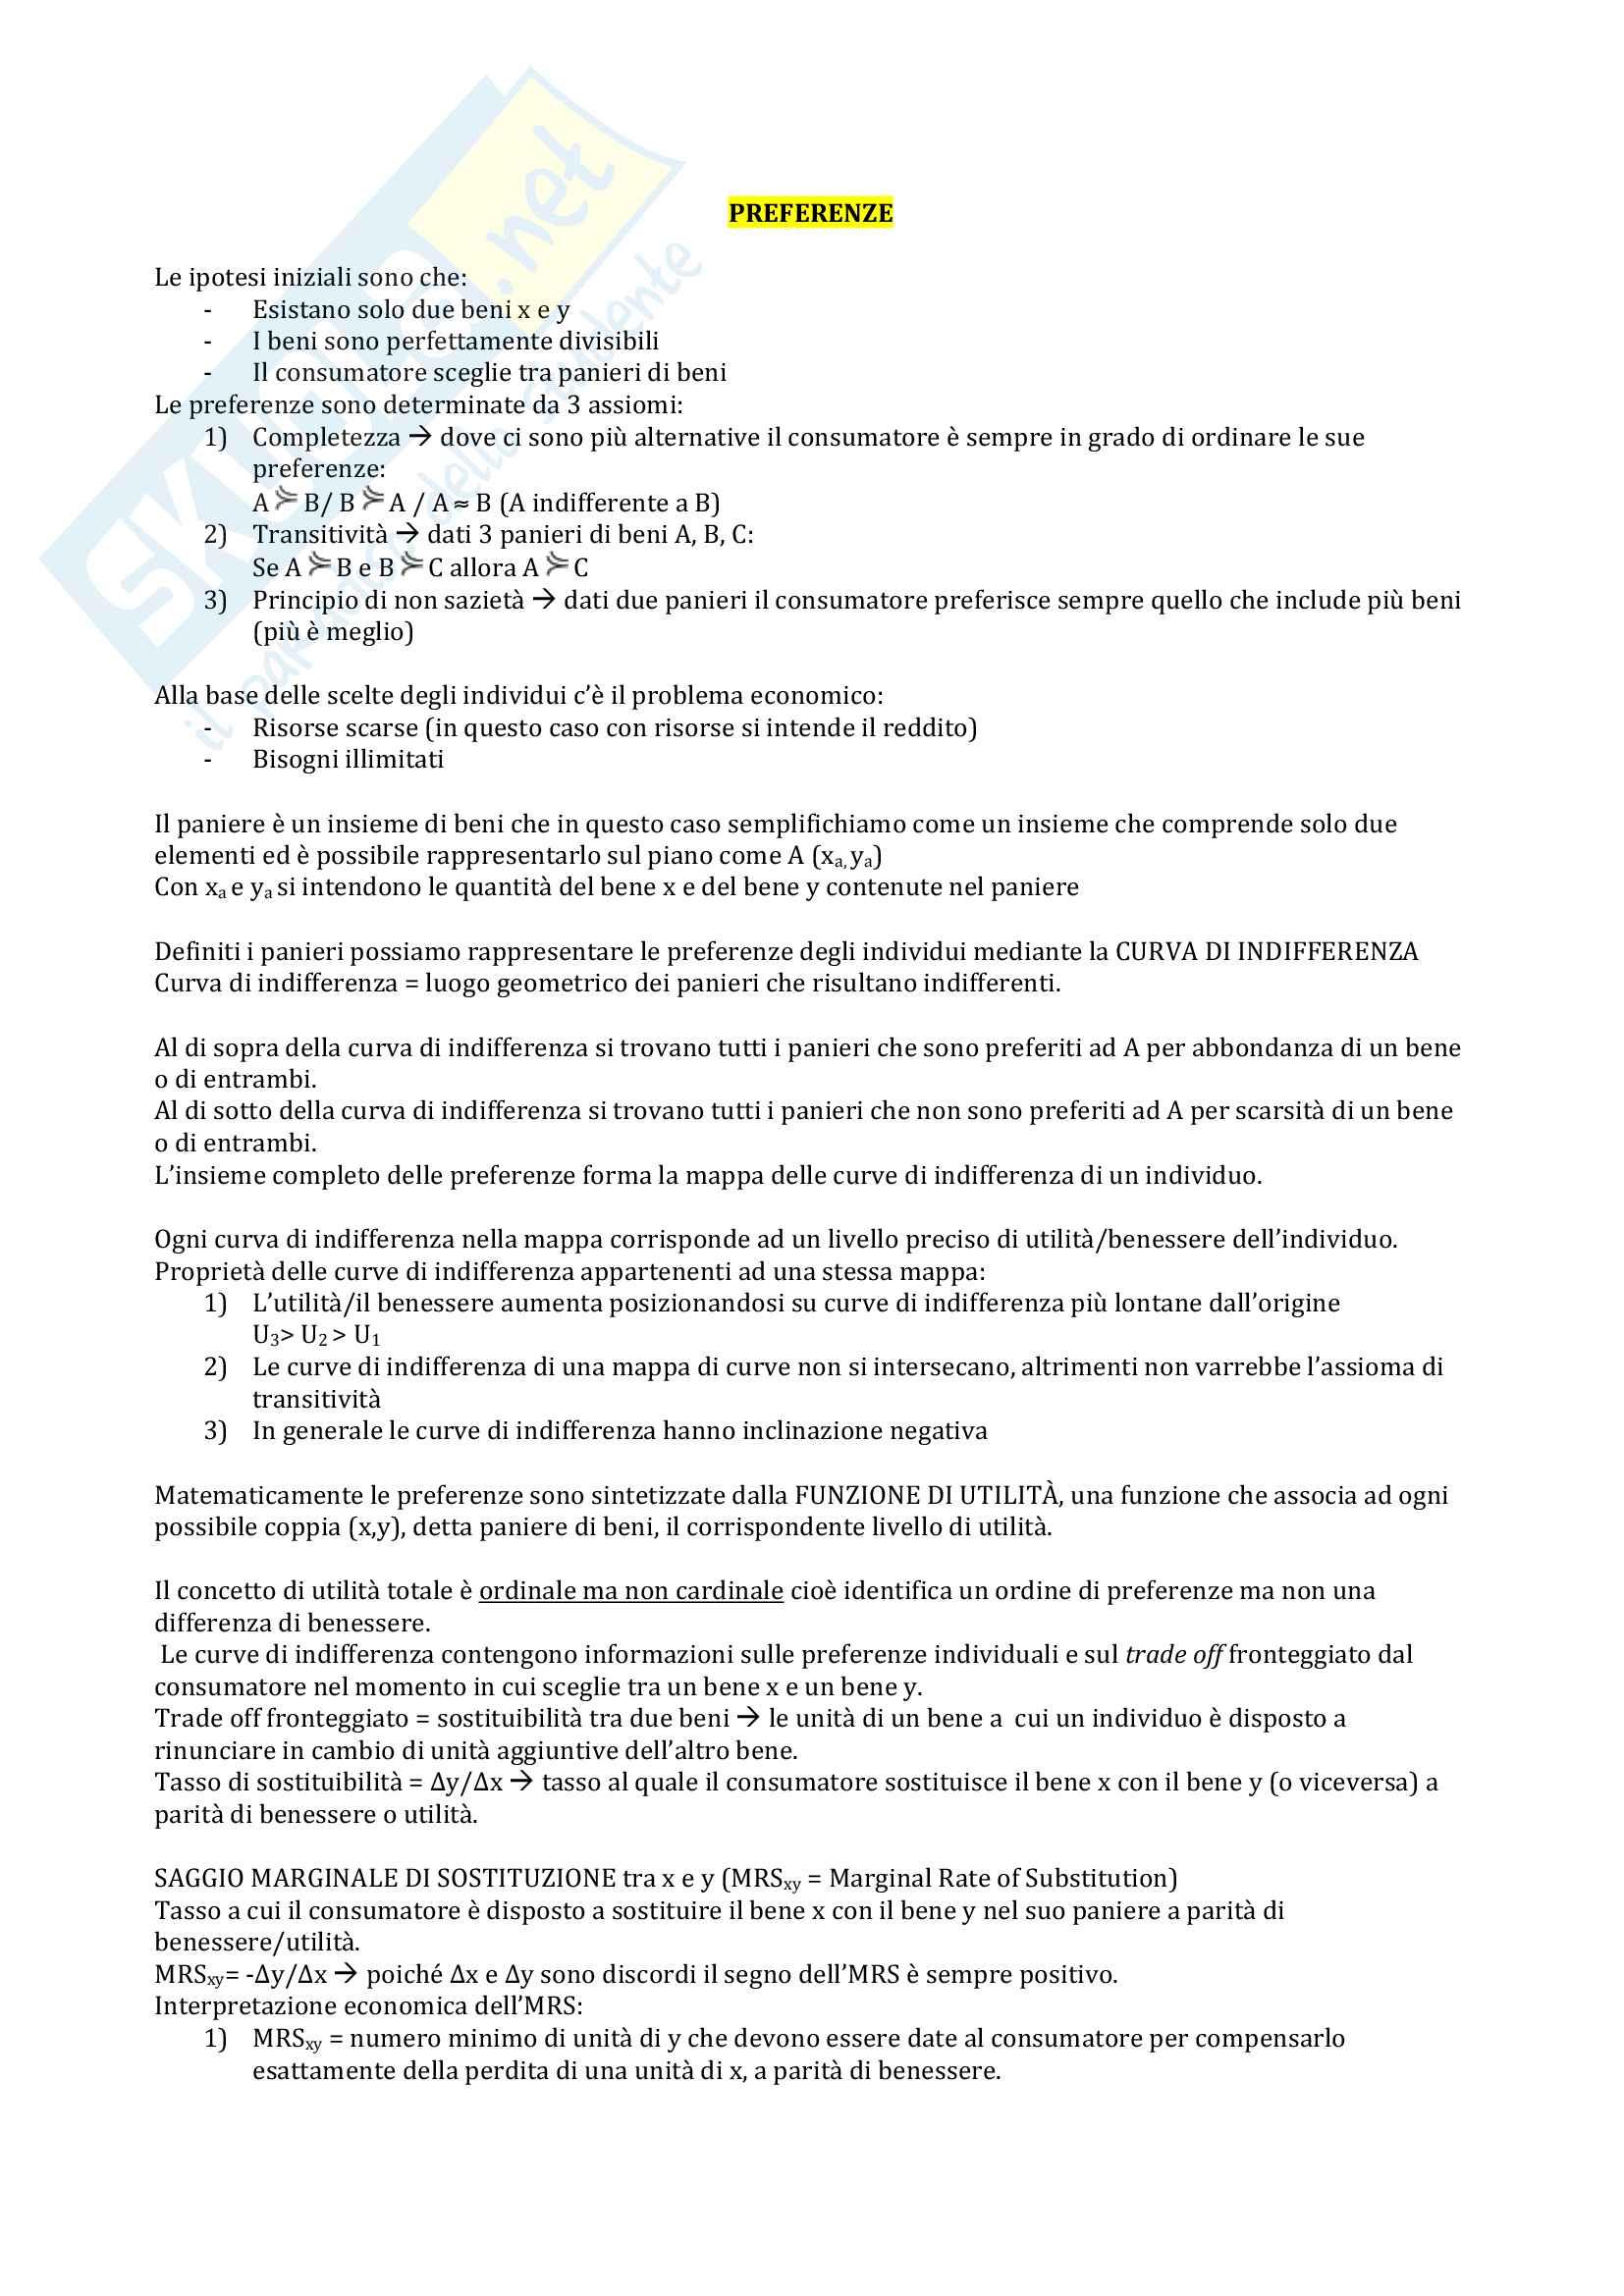 Esame di microeconomia Bocconi - Appunti sulle Preferenze